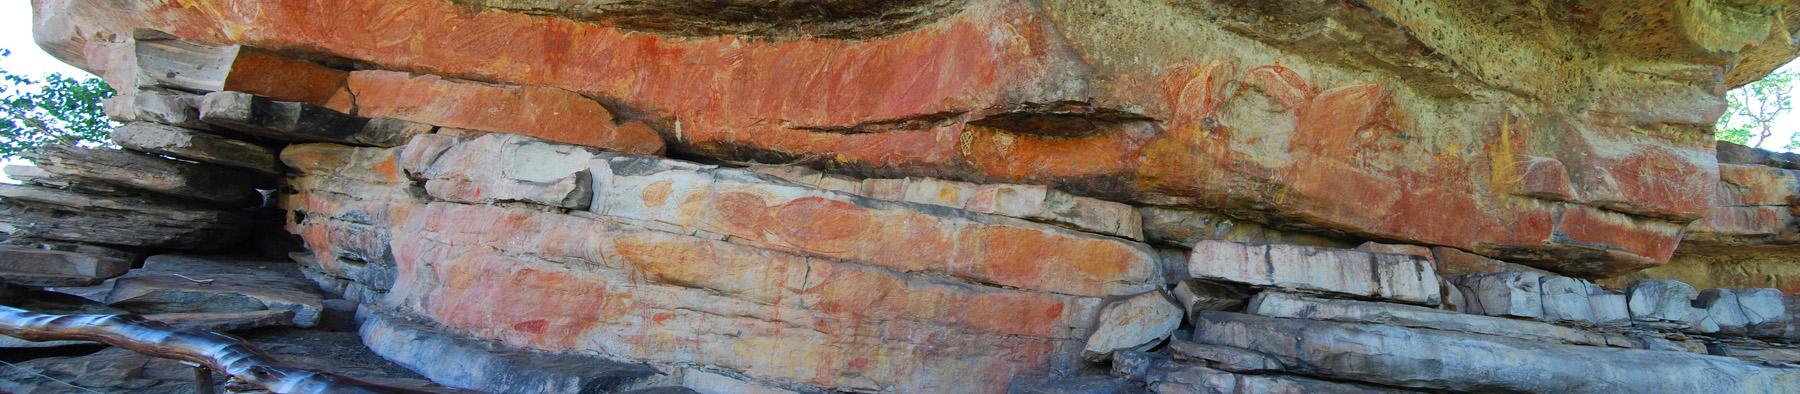 Farben, Schichten und Spuren alter Kultur